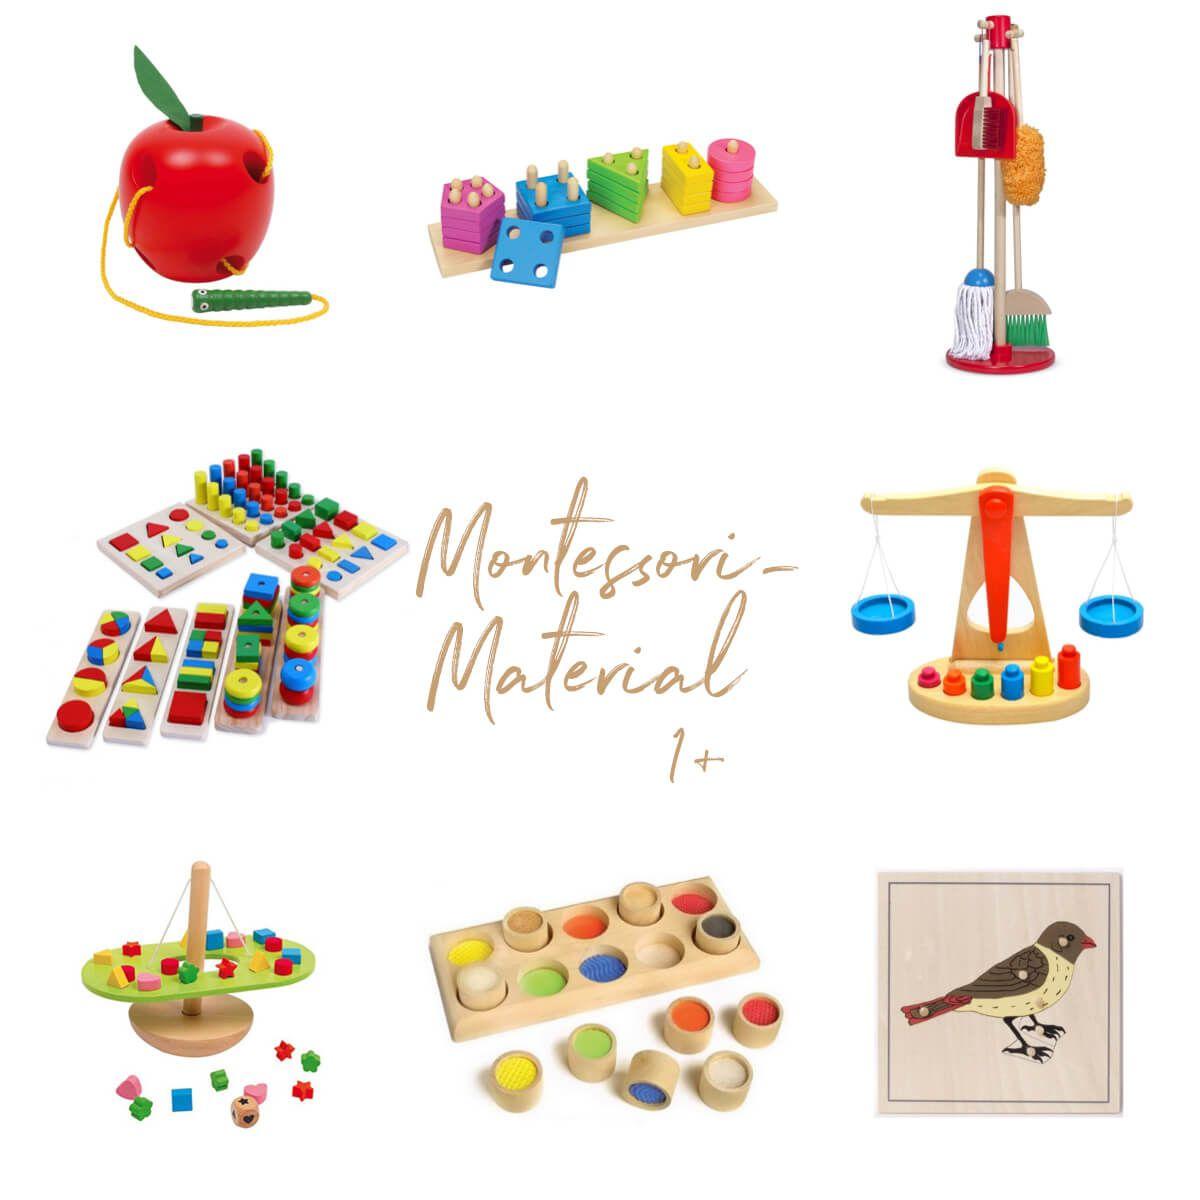 Geschenkideen Nach Maria Montessori 20 Sinnvolle Geschenke Fur Kinder Geschenke Fur Kinder Geschenk Kind 1 Jahr Geschenk Baby 1 Jahr